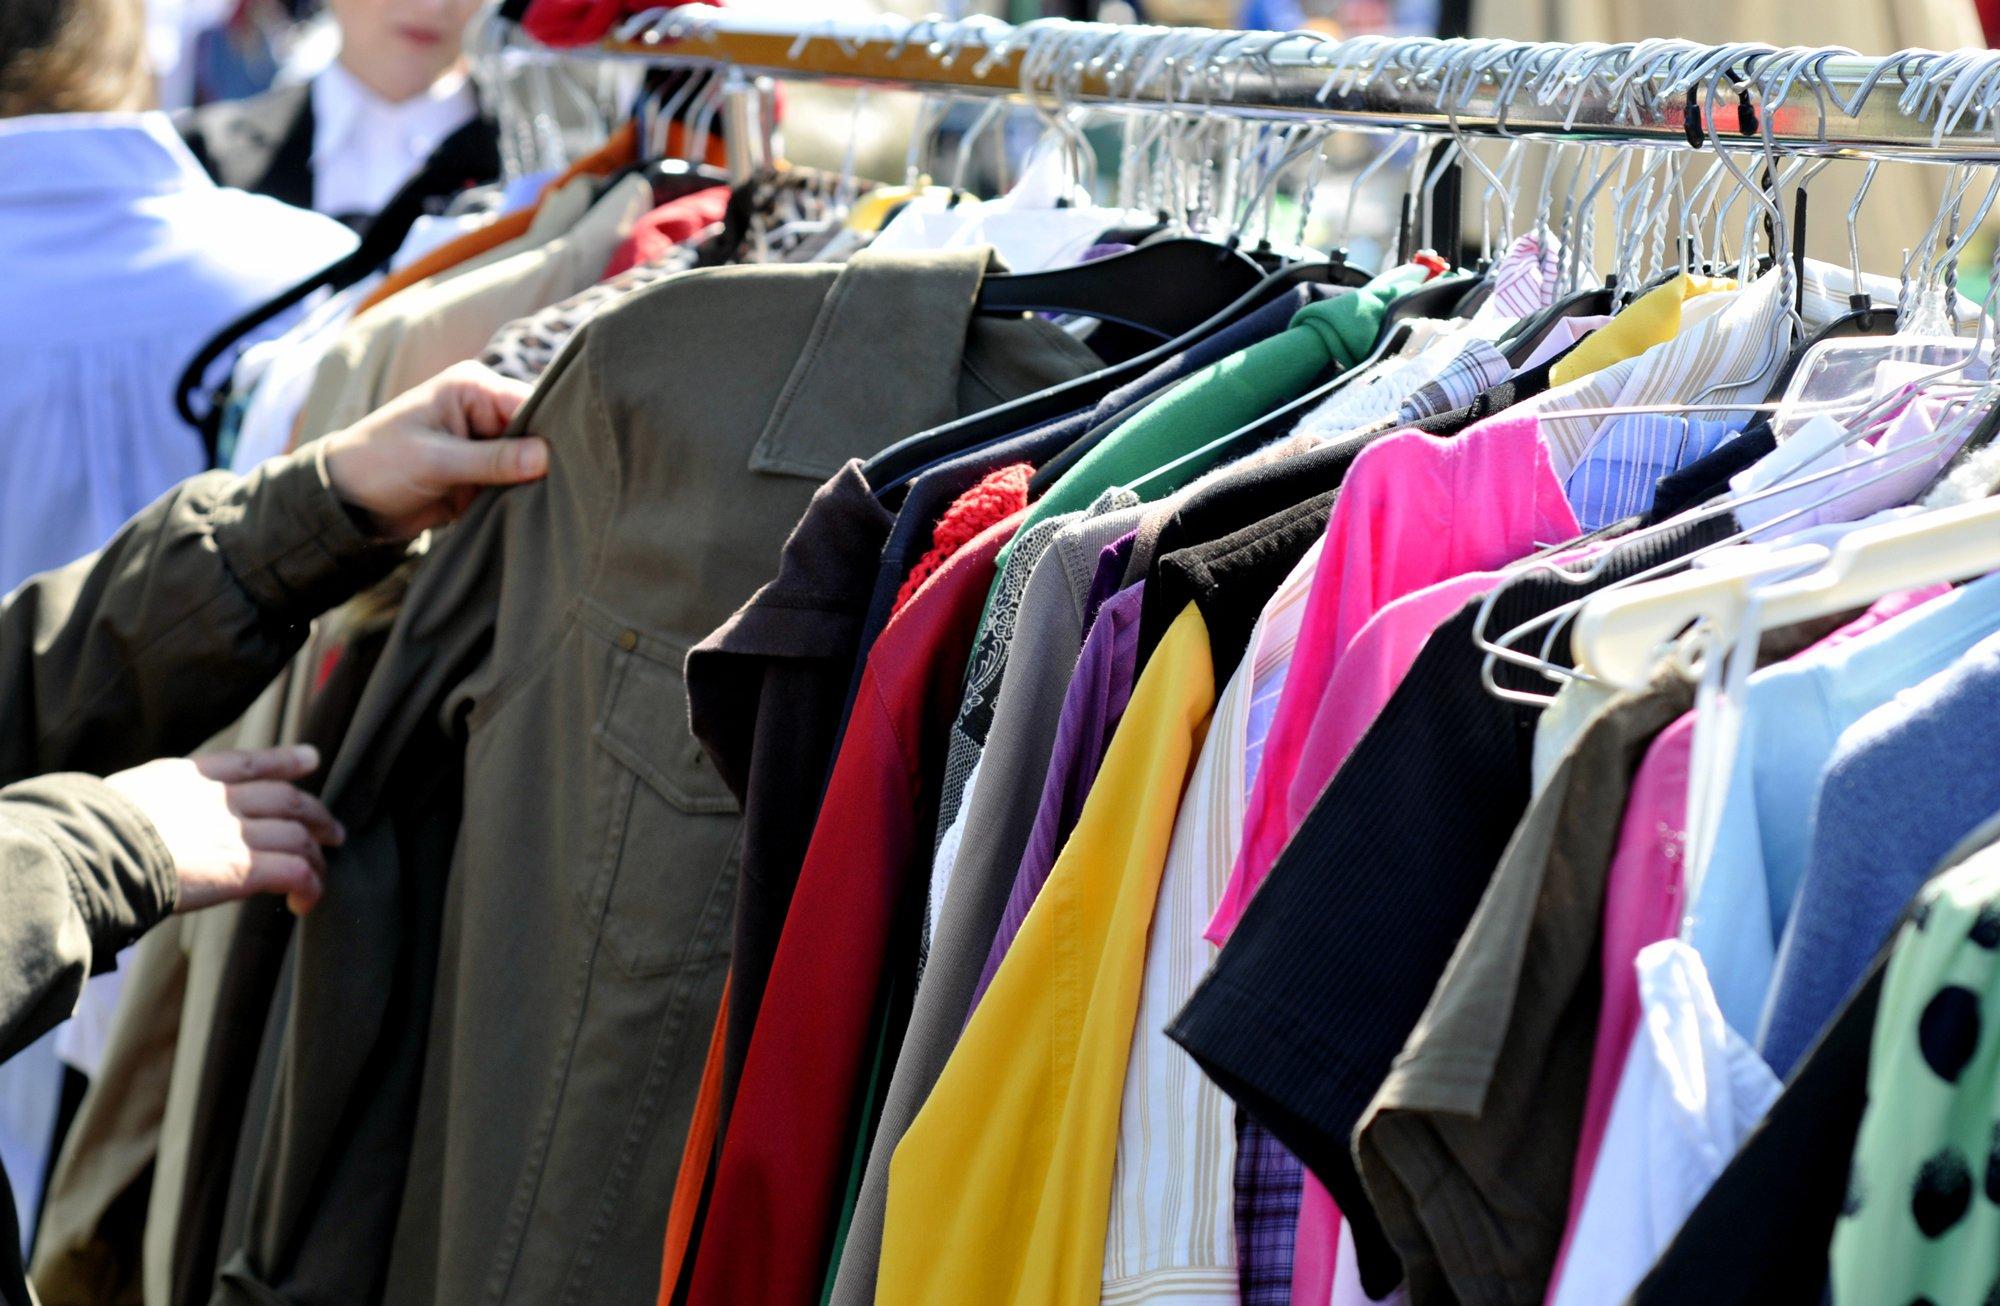 gente mentre controlla vestiti appesi su grucce in un negozio